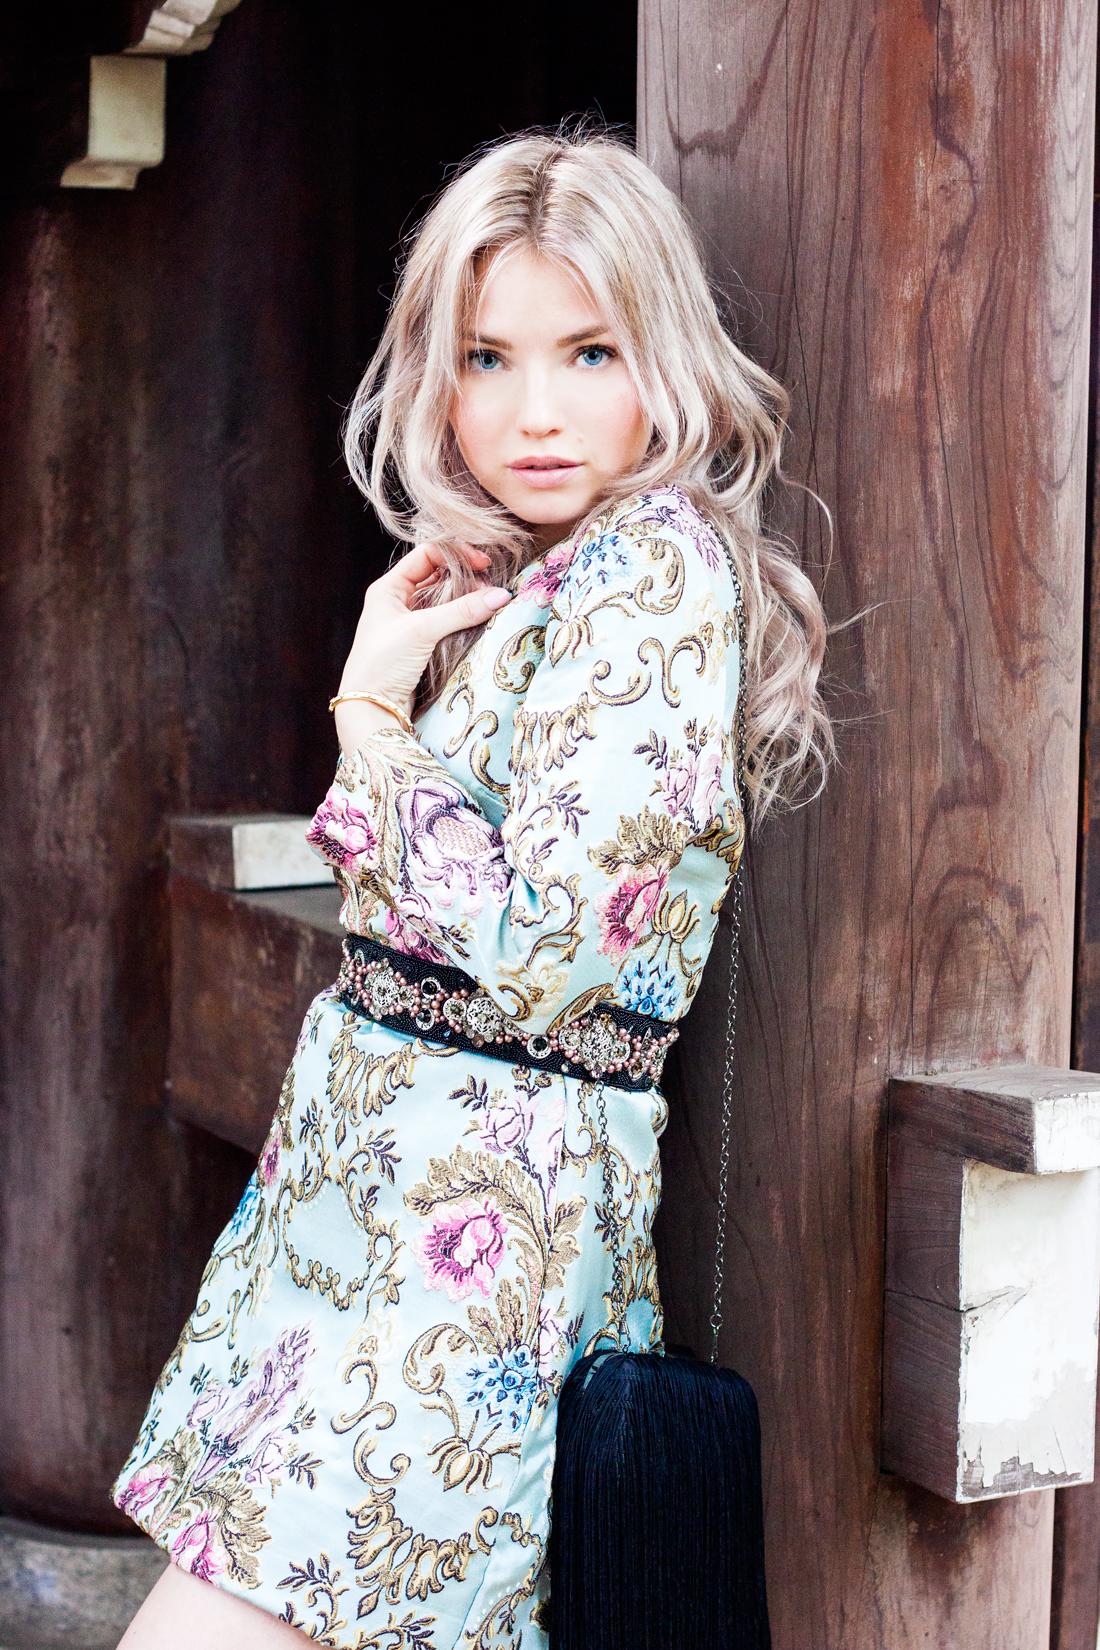 Jacquard dress, tokyo, japan, japan temple, japan sightseeing, fringe bag, fringe clutch, blonde waves, tokyo fashion, silver heels, pearl belt